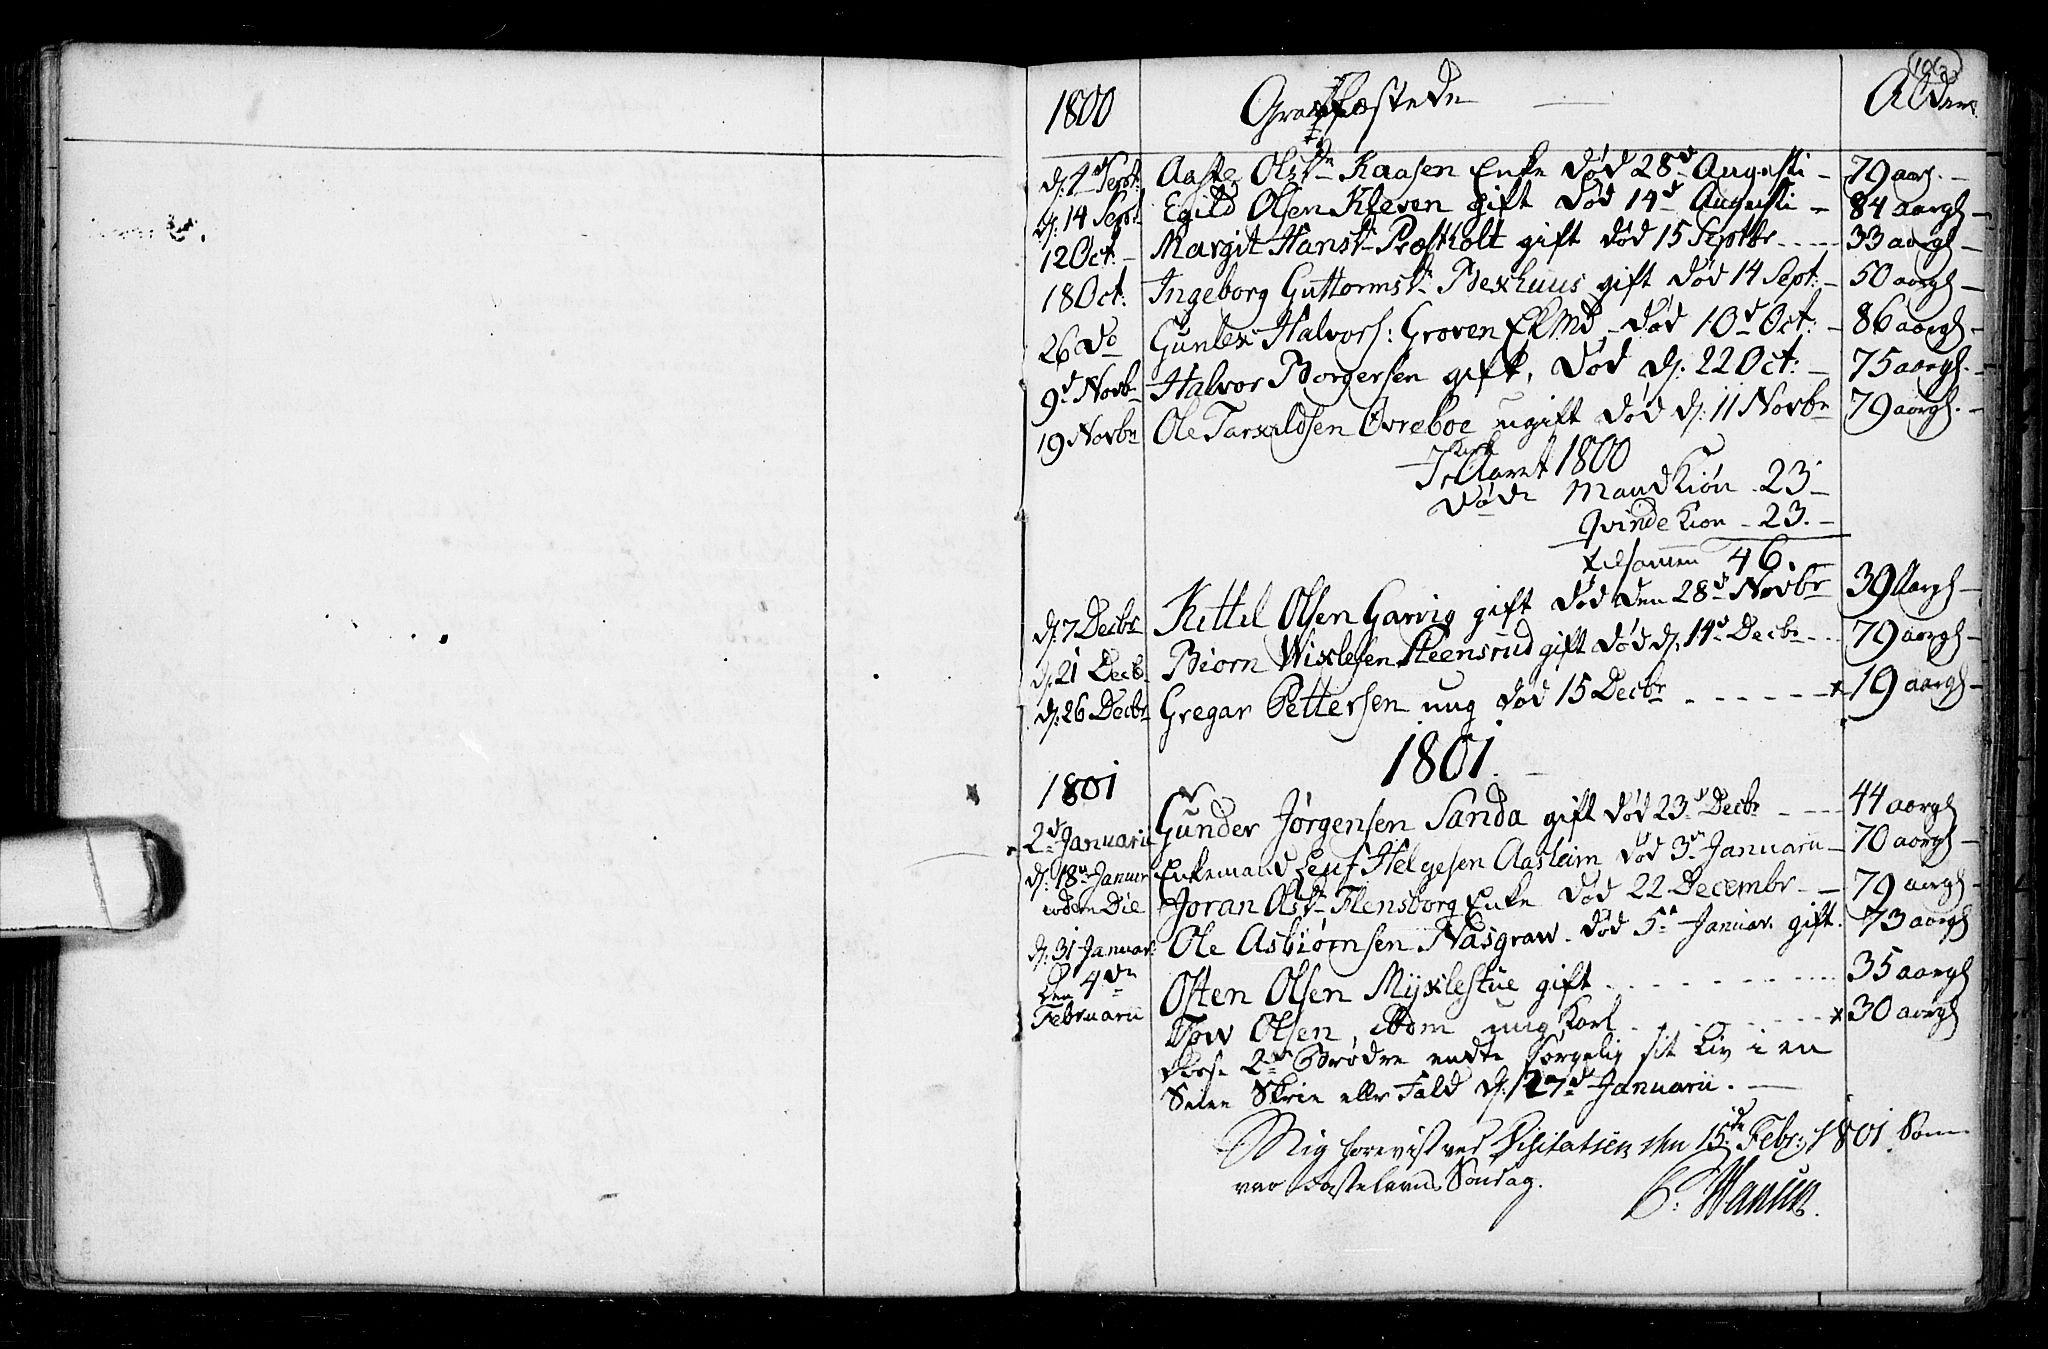 SAKO, Seljord kirkebøker, F/Fa/L0008: Ministerialbok nr. I 8, 1755-1814, s. 106